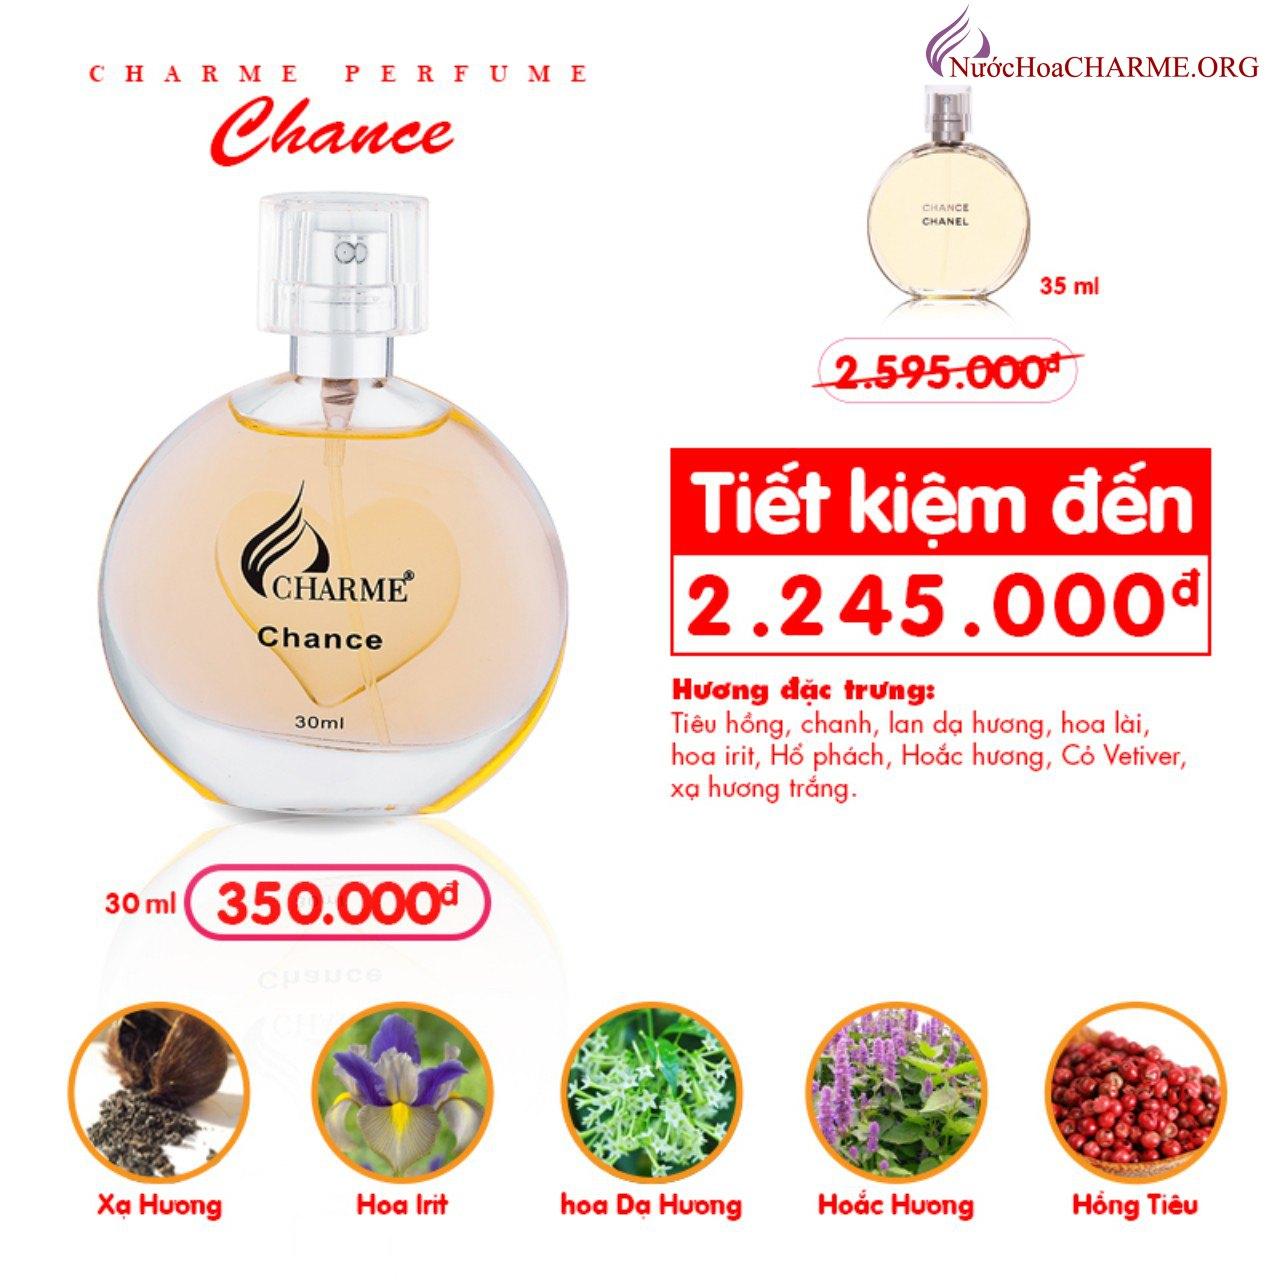 Charme - Chance 30ml - Nước hoa nữ